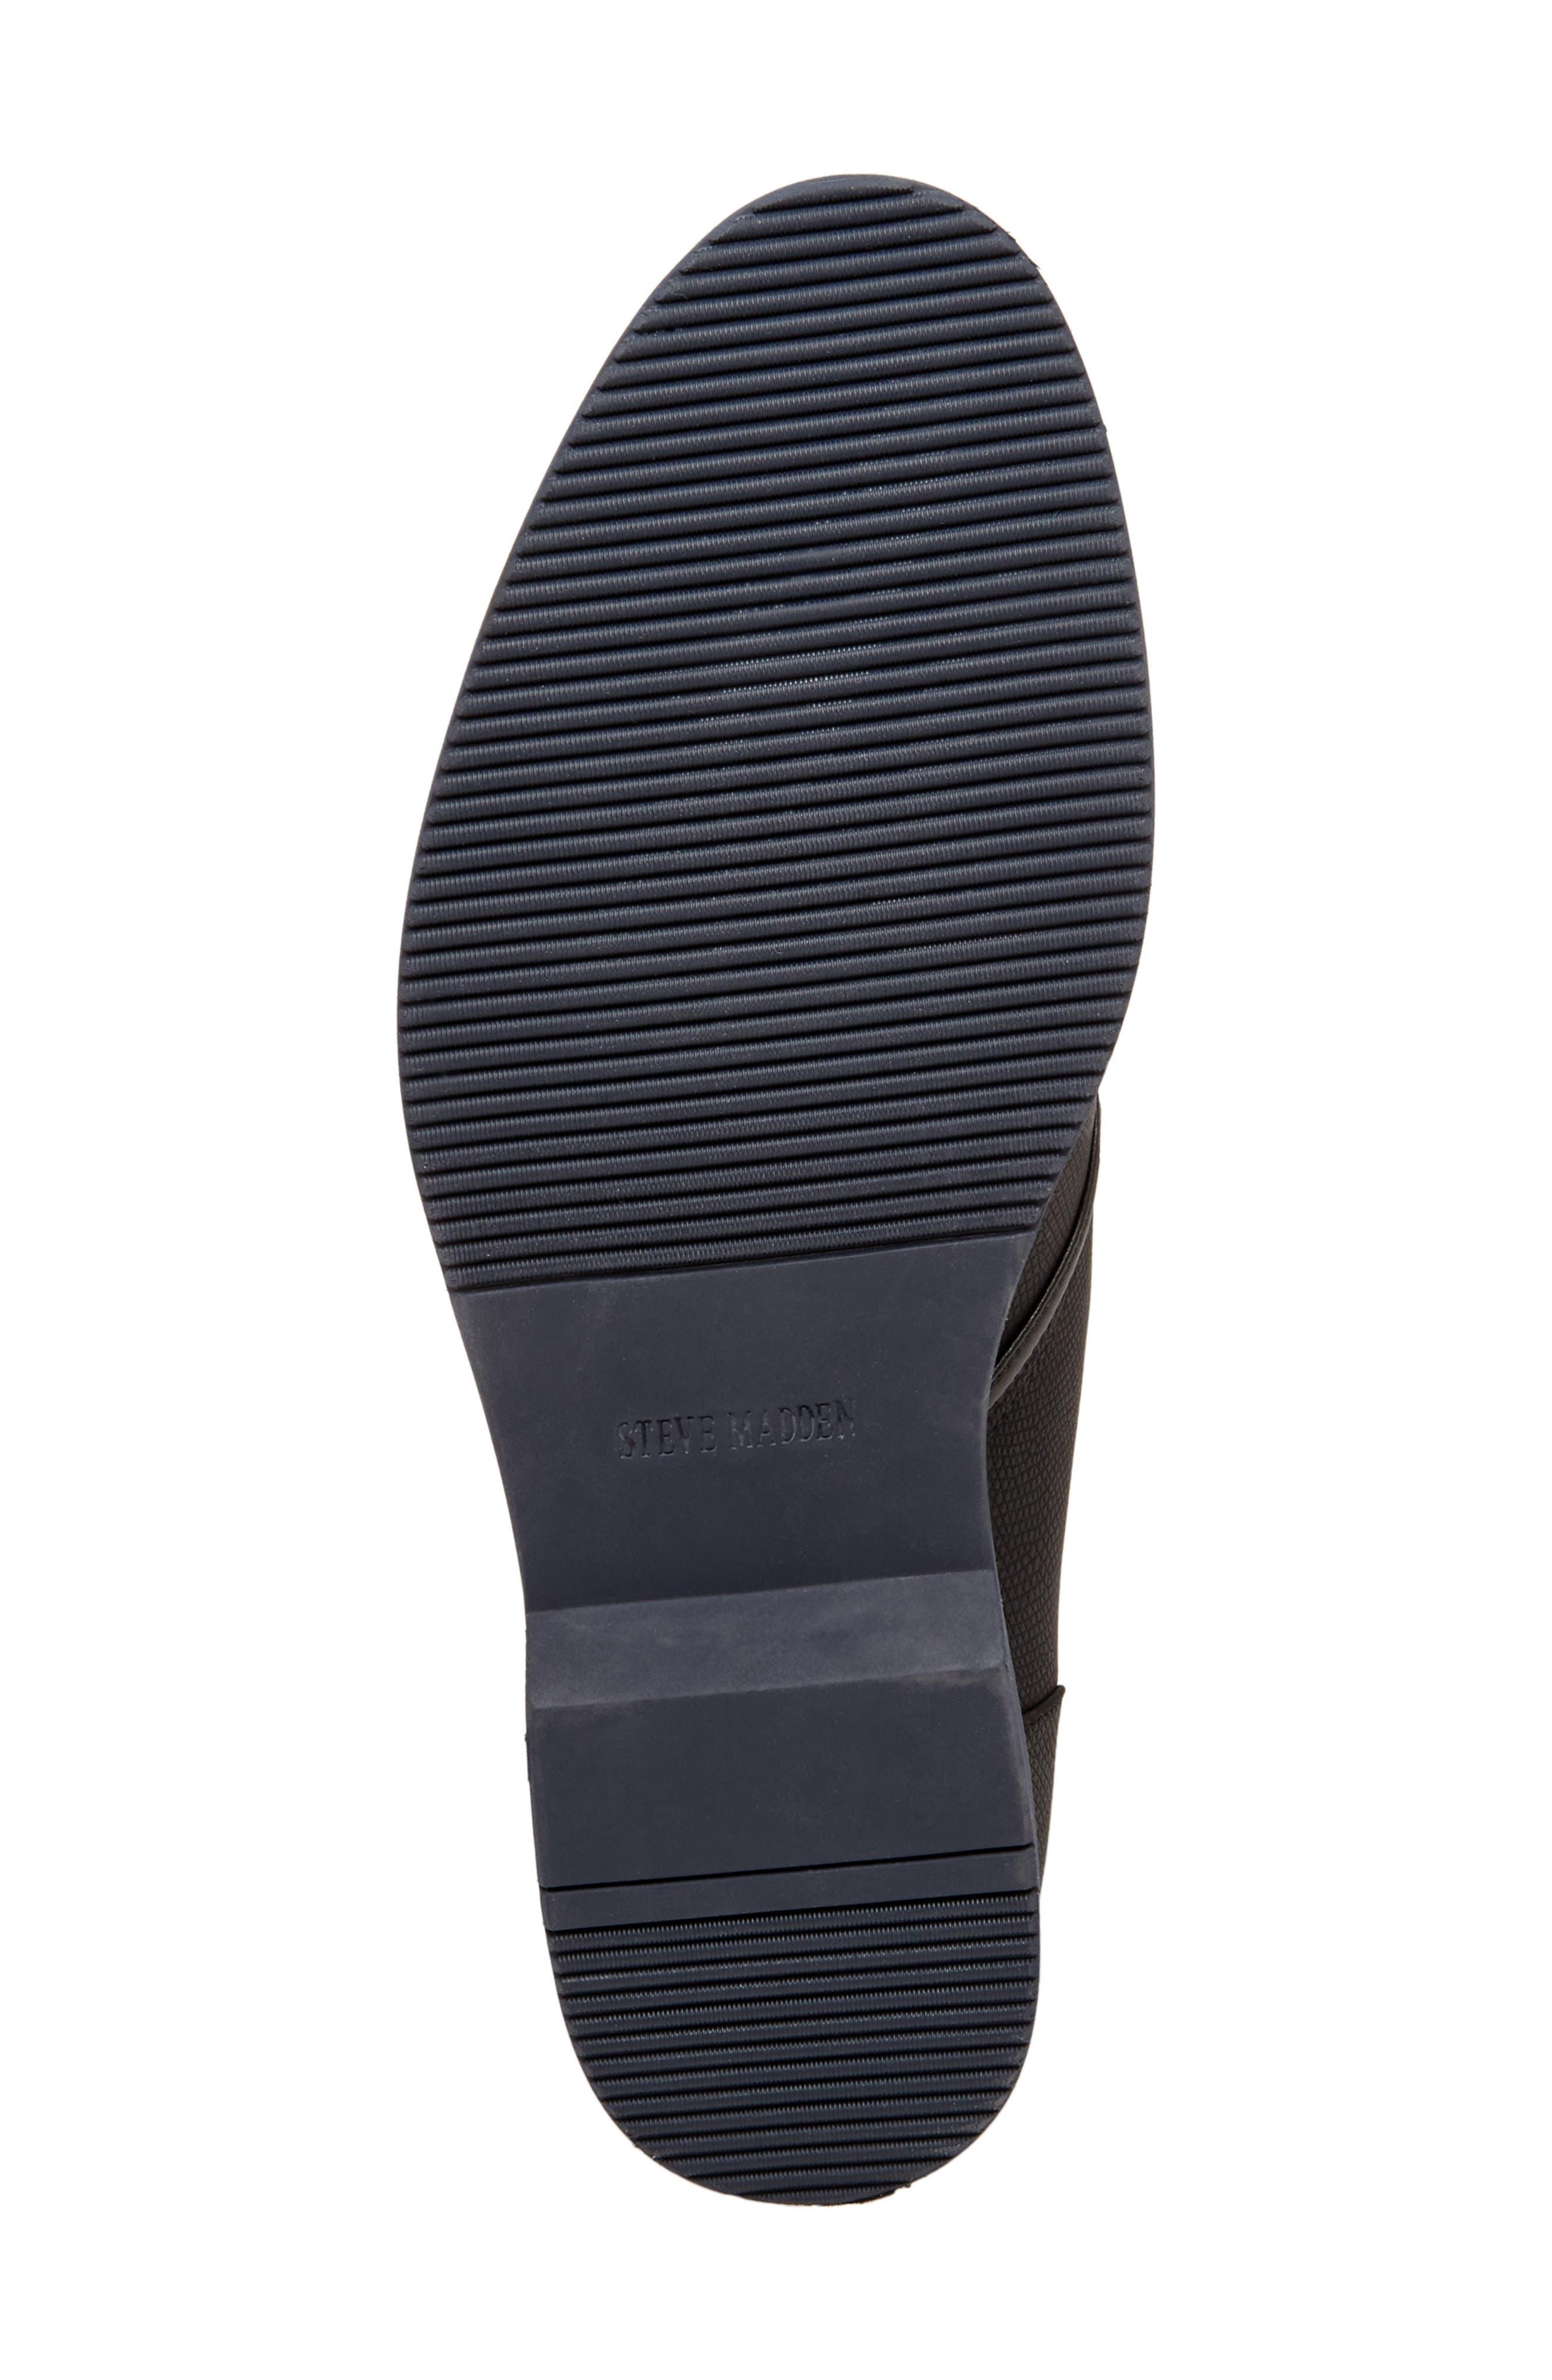 STEVE MADDEN, Nurture Plain Toe Boot, Alternate thumbnail 6, color, 002